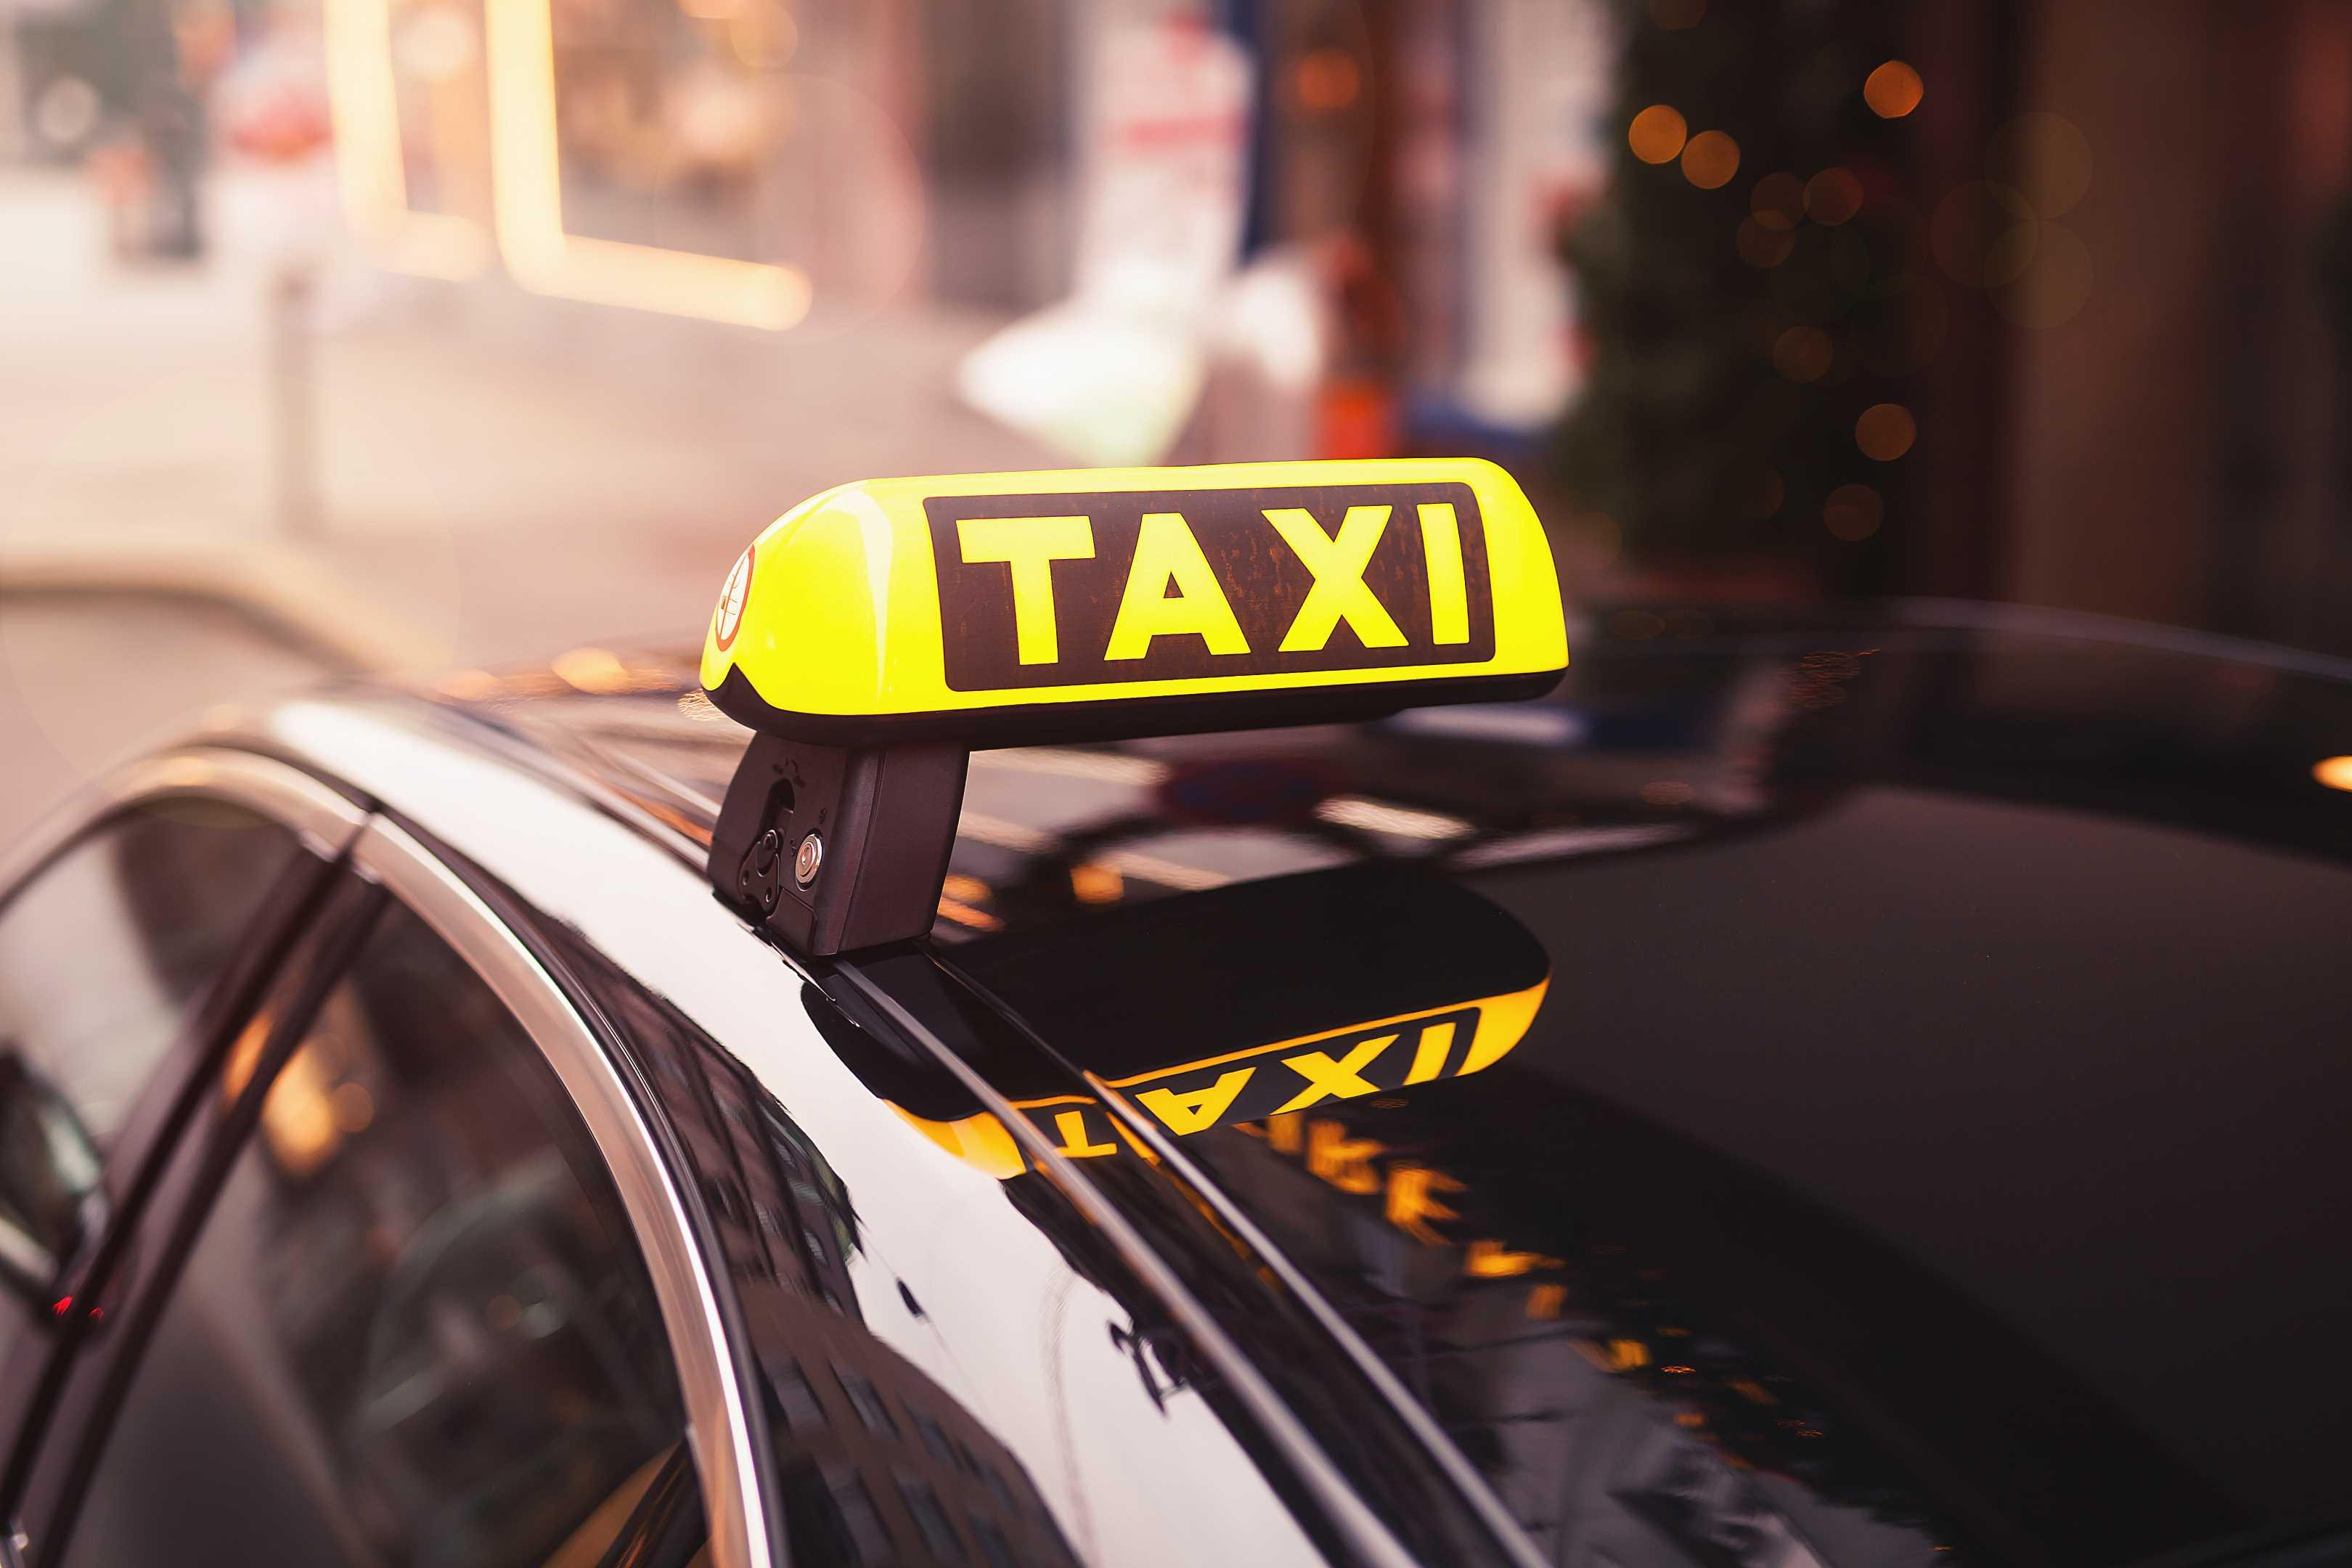 картинка вызови мне такси большое